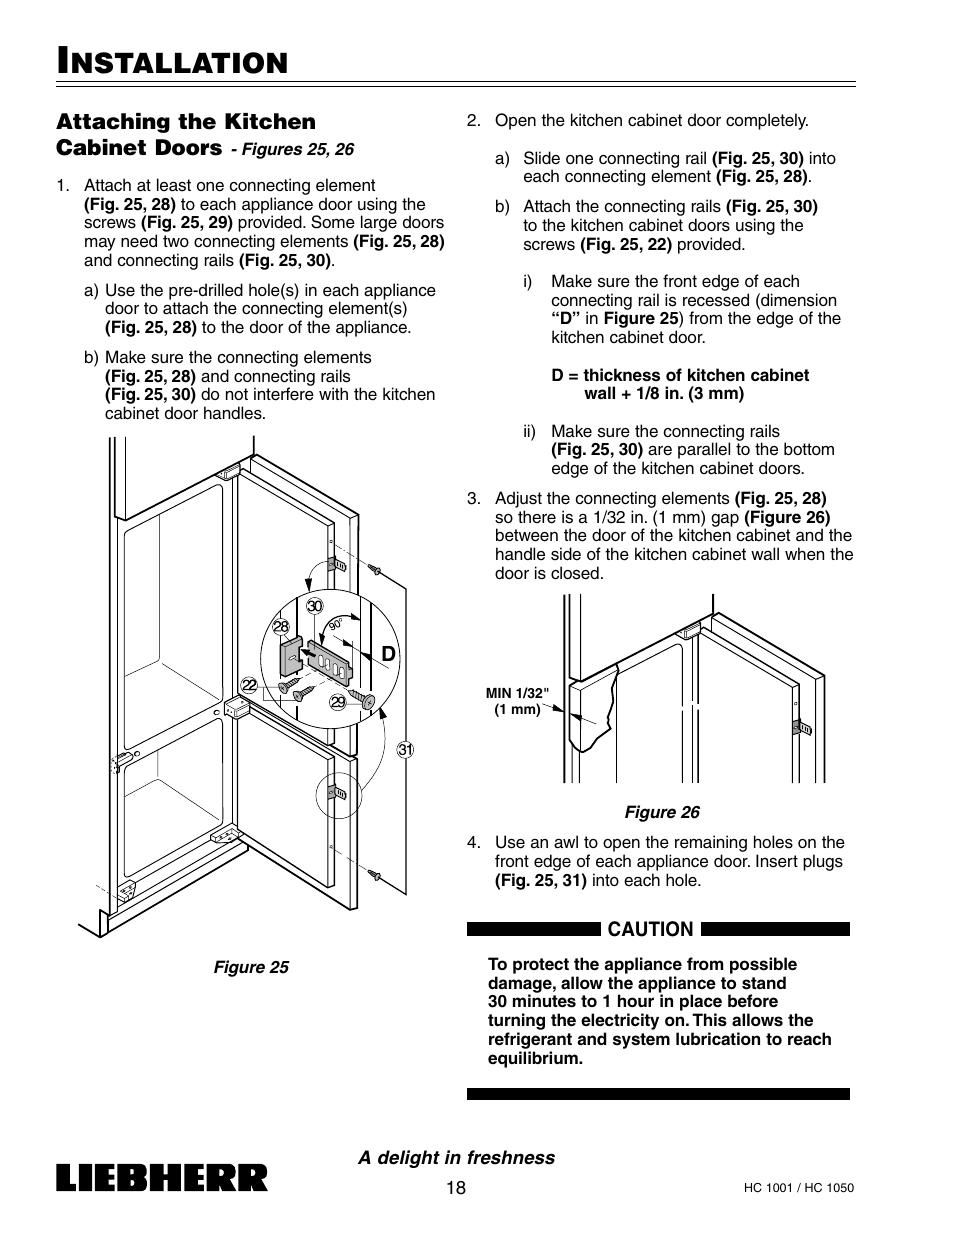 Nstallation, Attaching the kitchen cabinet doors | Liebherr HC1050